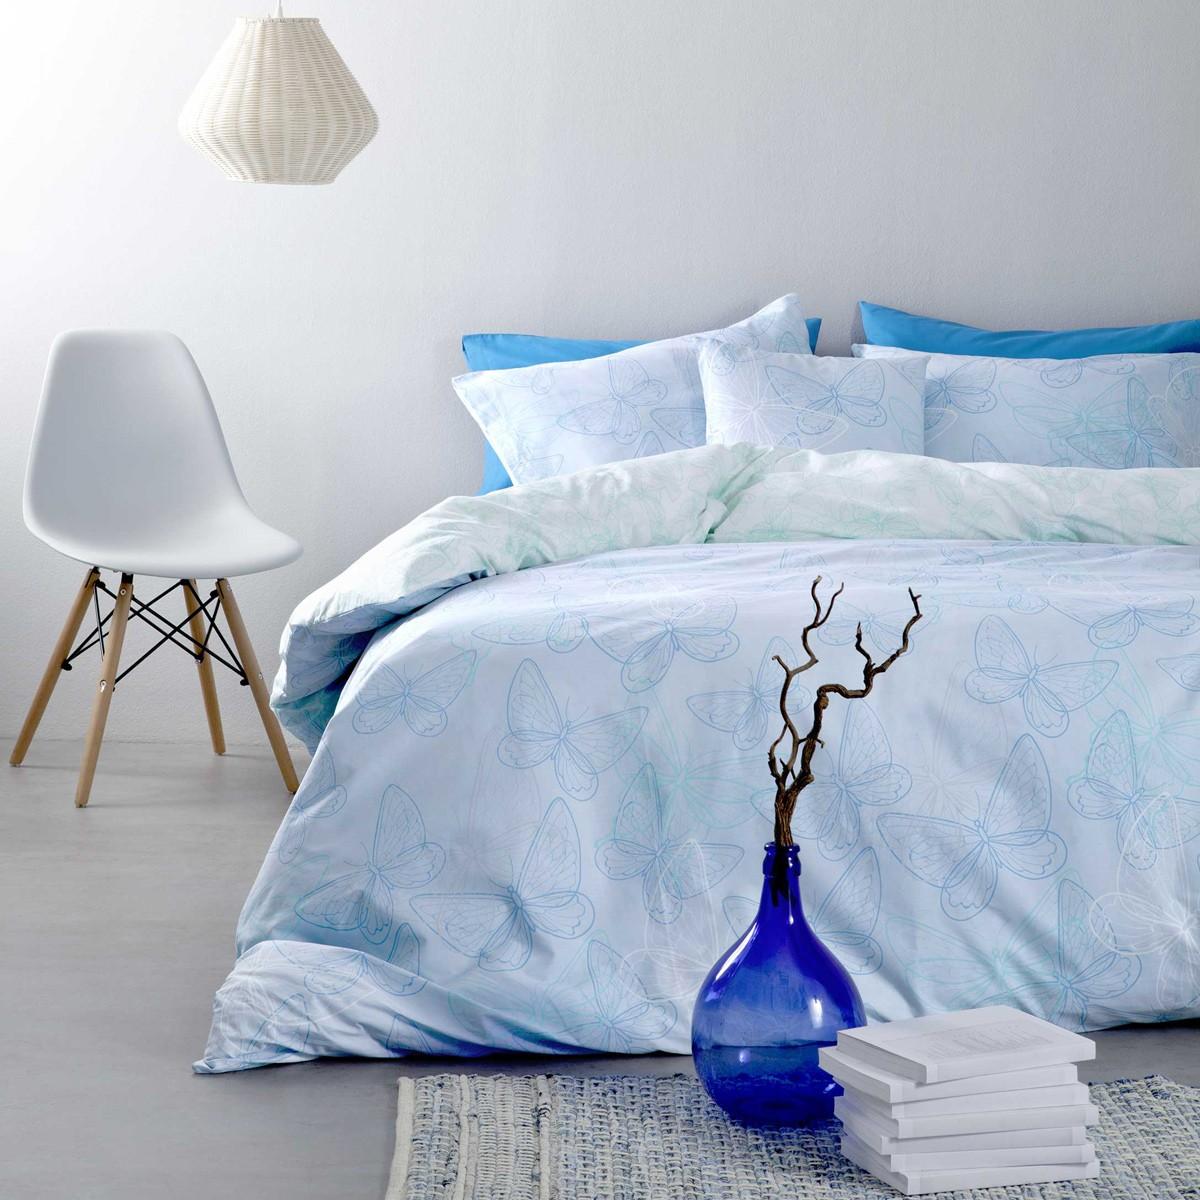 Σεντόνια Μονά (Σετ) Nima Bed Linen Farfalita Blue ΧΩΡΙΣ ΛΑΣΤΙΧΟ ΧΩΡΙΣ ΛΑΣΤΙΧΟ